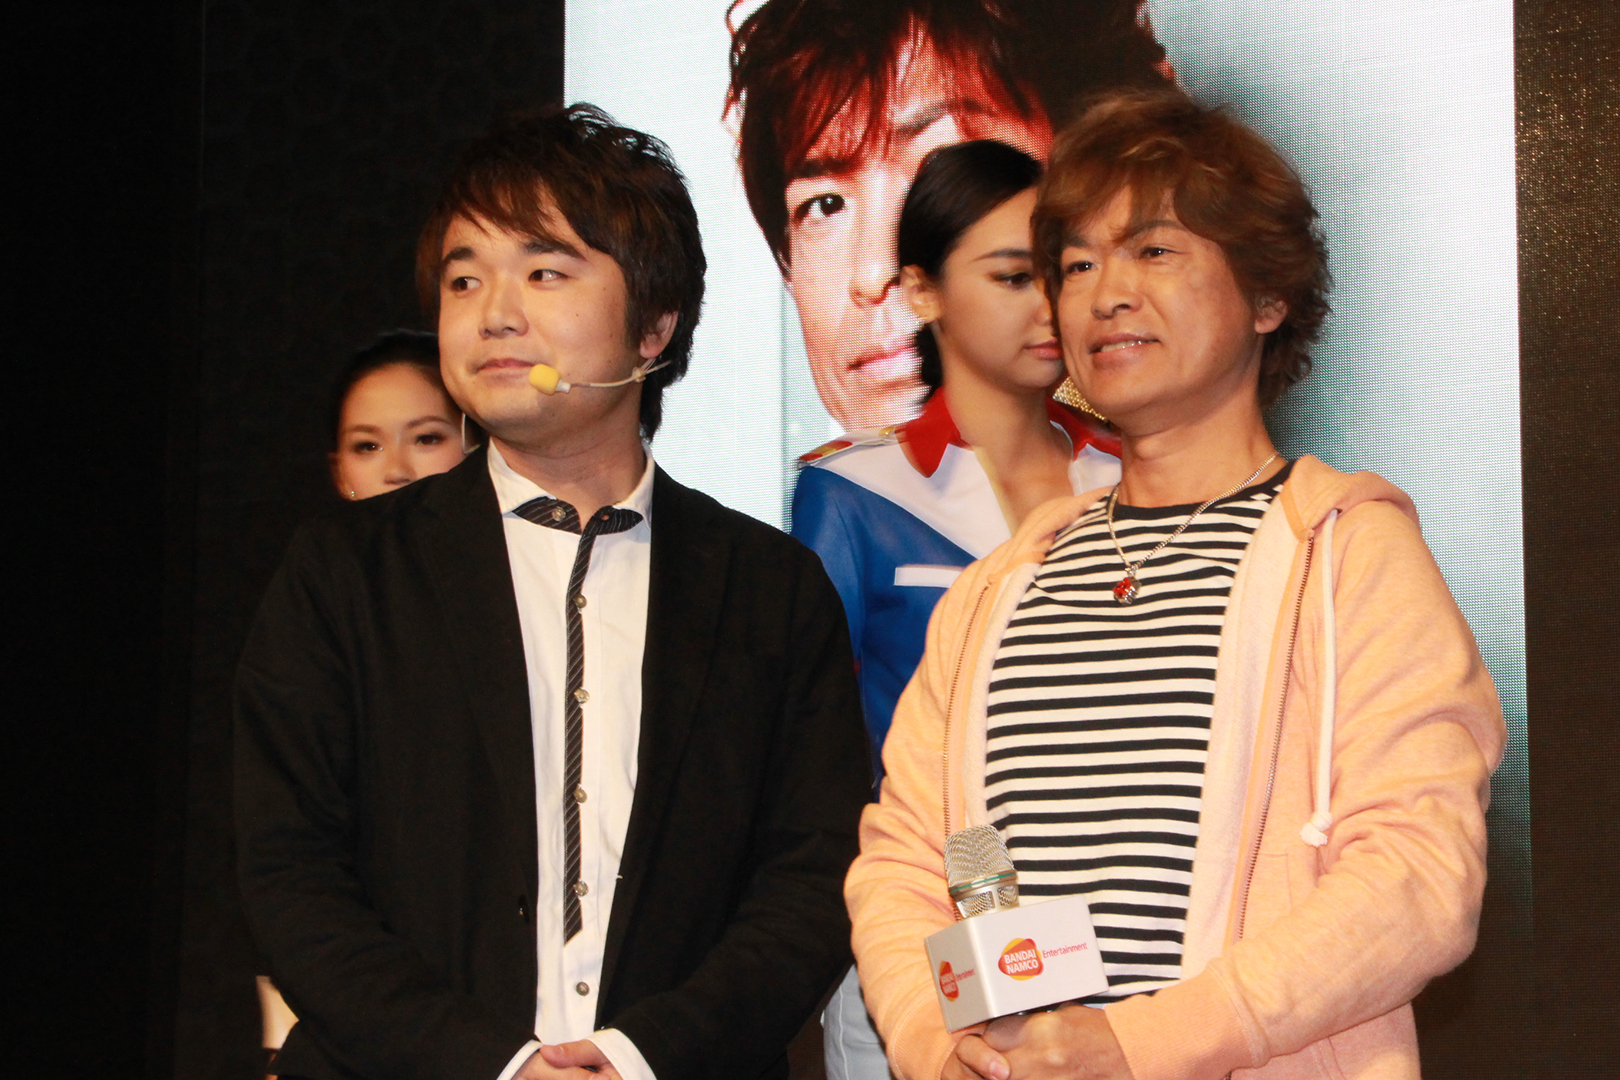 「ガンダムブレイカー3」プロデューサーの薄井宏太郎氏(左)と、アムロ・レイ役の声優、古谷徹さん(右)